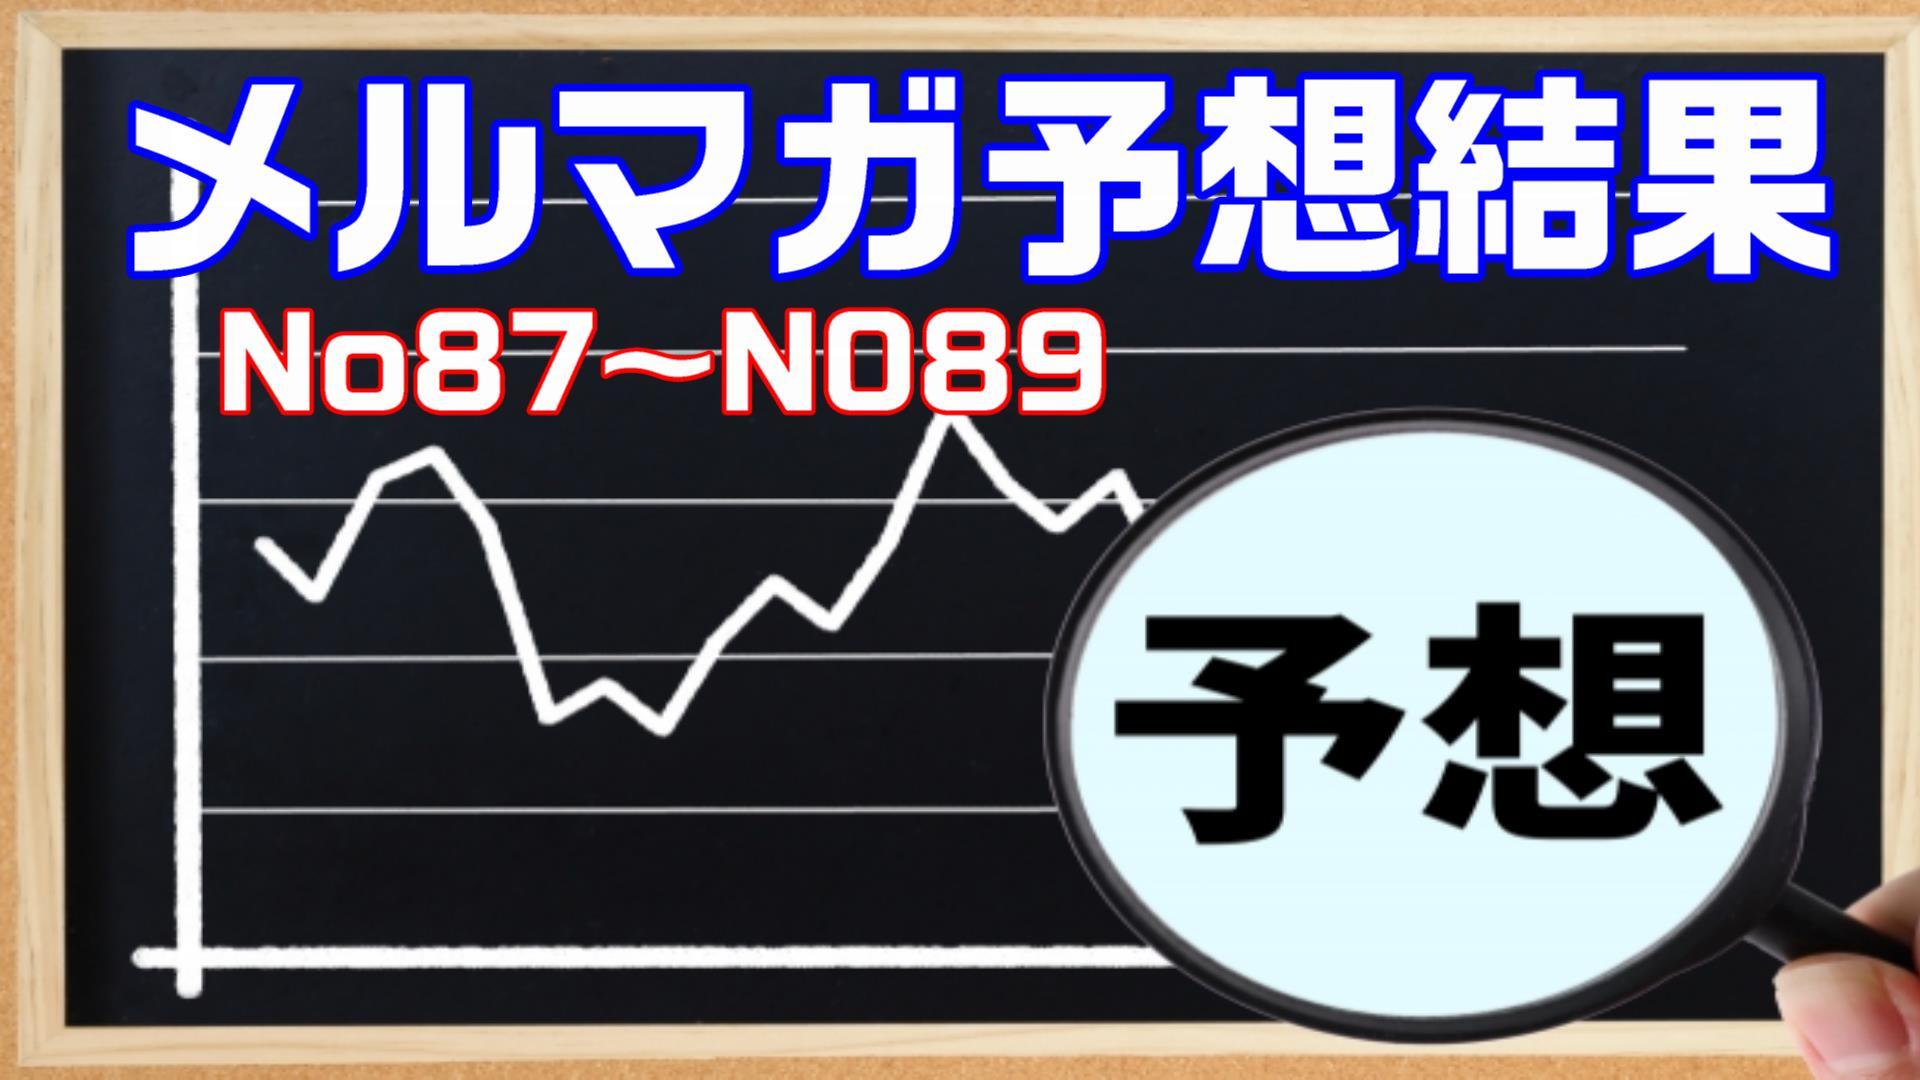 【メルマガの予想結果】メルマガNo87~No89結果